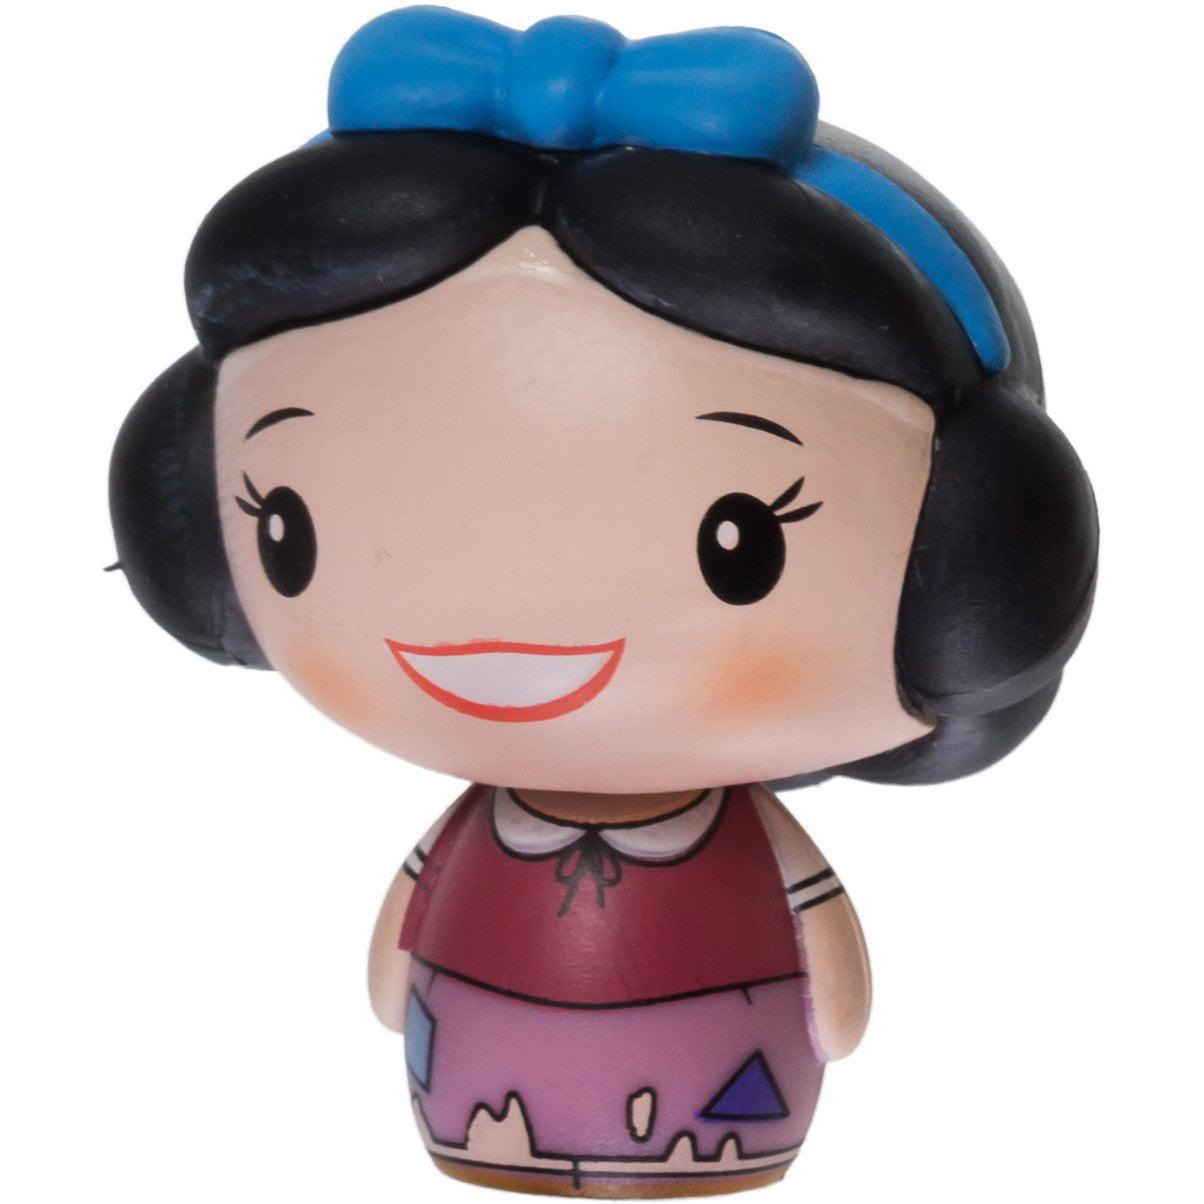 Funko Snow White [Pink Dress] Pint Size Heroes x Disney - Snow White Micro Vinyl Figure (21217)